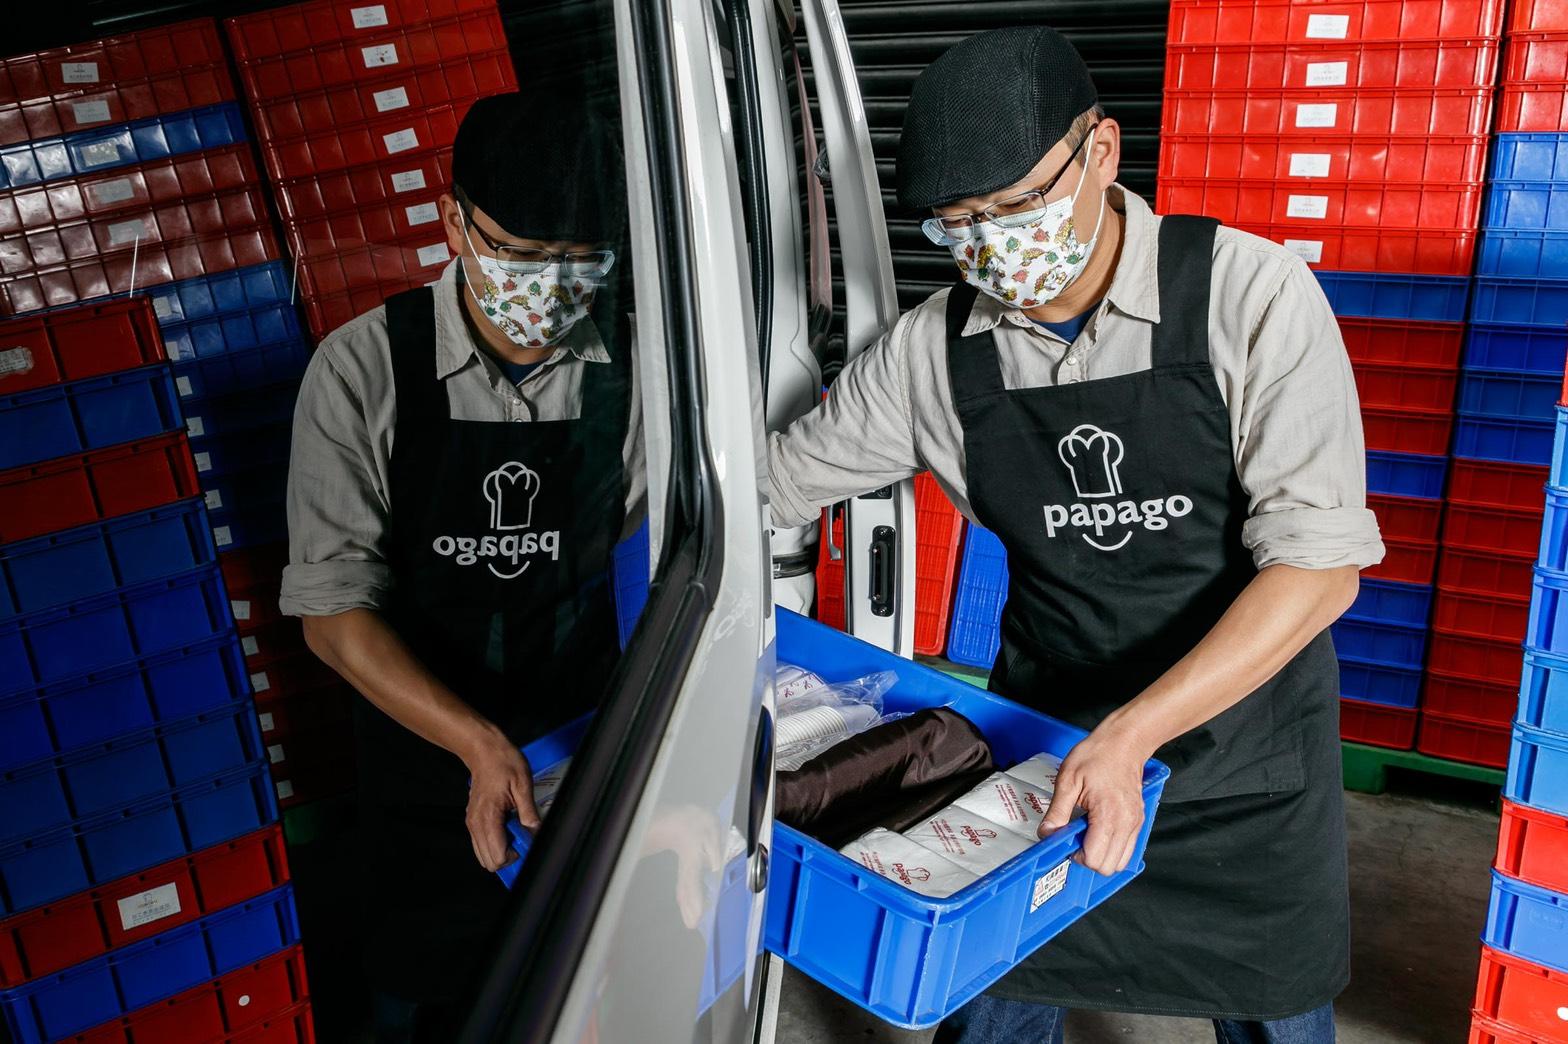 中華菱利符合人體工學的車高設計,讓司機上下貨更為輕鬆.jpg